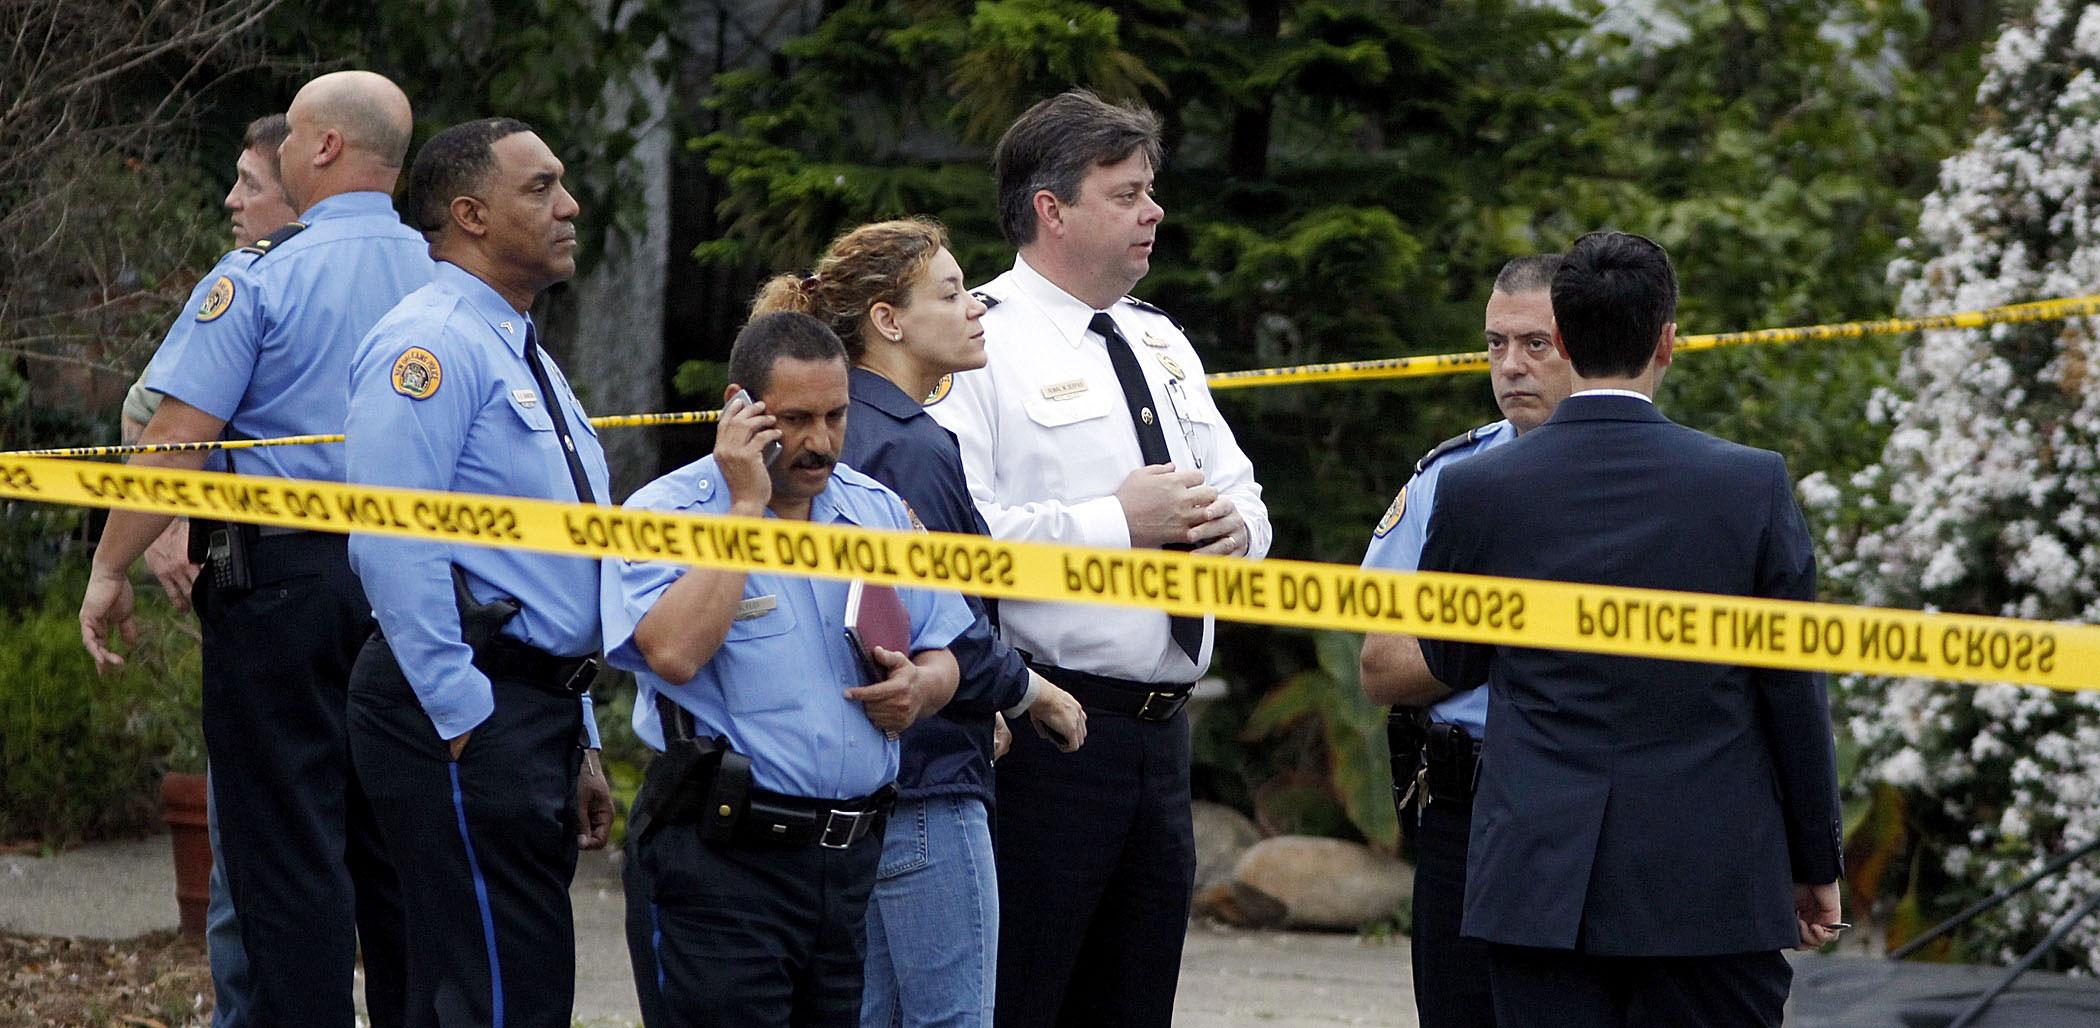 Early morning gun battle involving nopd leaves family for Police orleans